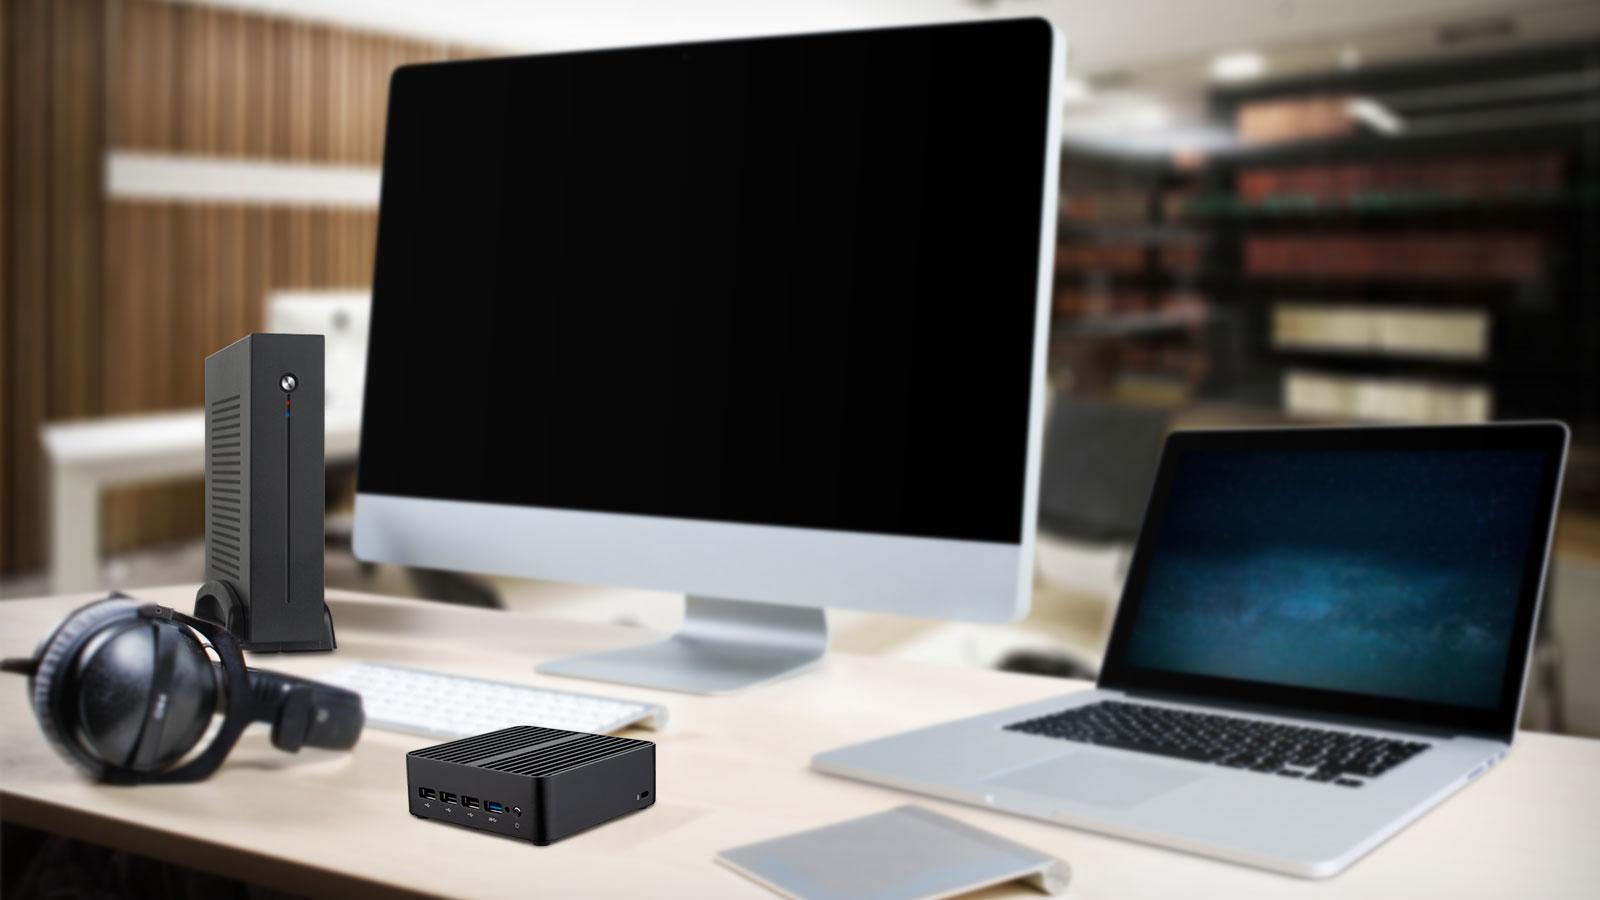 云终端是什么?为什么说它可以替代大部分传统PC